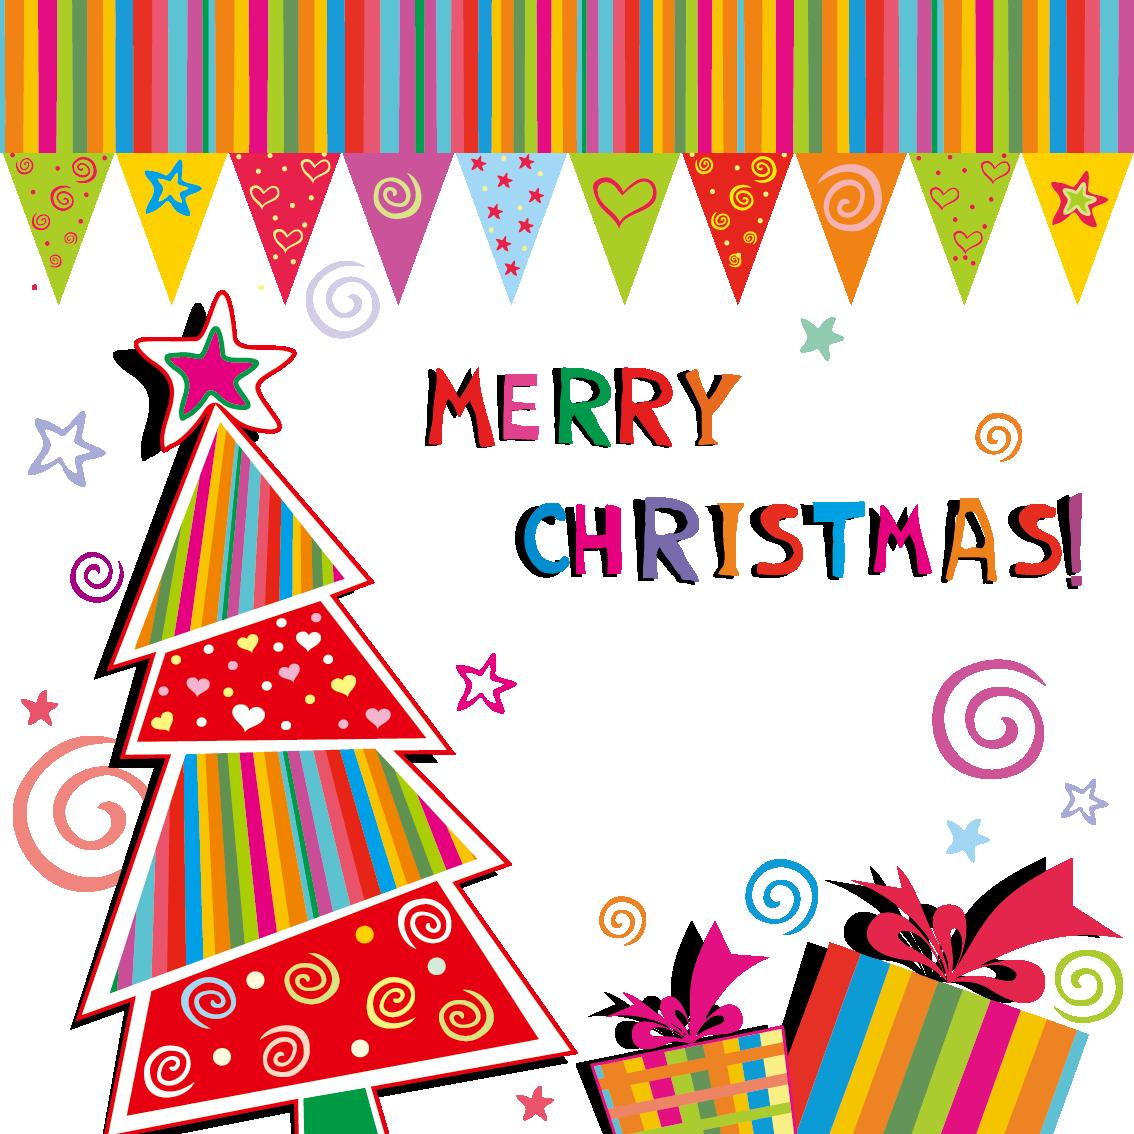 Pin クリスマス イラスト フリー ... : はがき かわいい : すべての講義